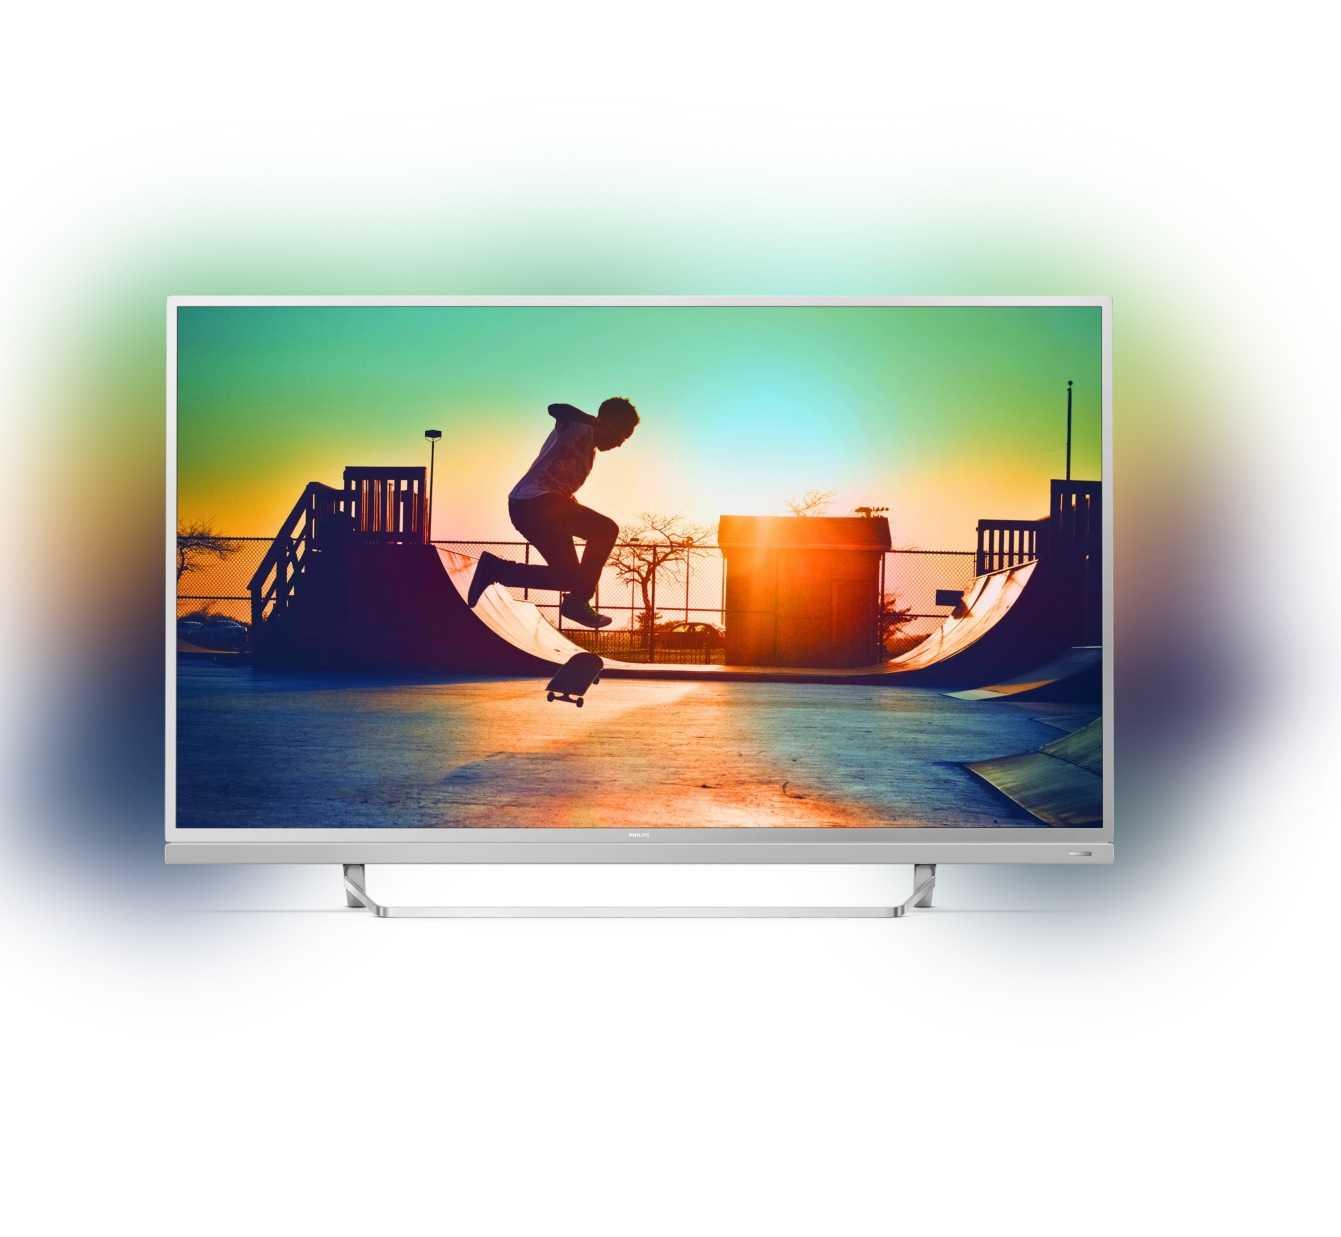 Philips 55PUS6482 55″ (139cm) 4K UHD Ambilight Smart TV